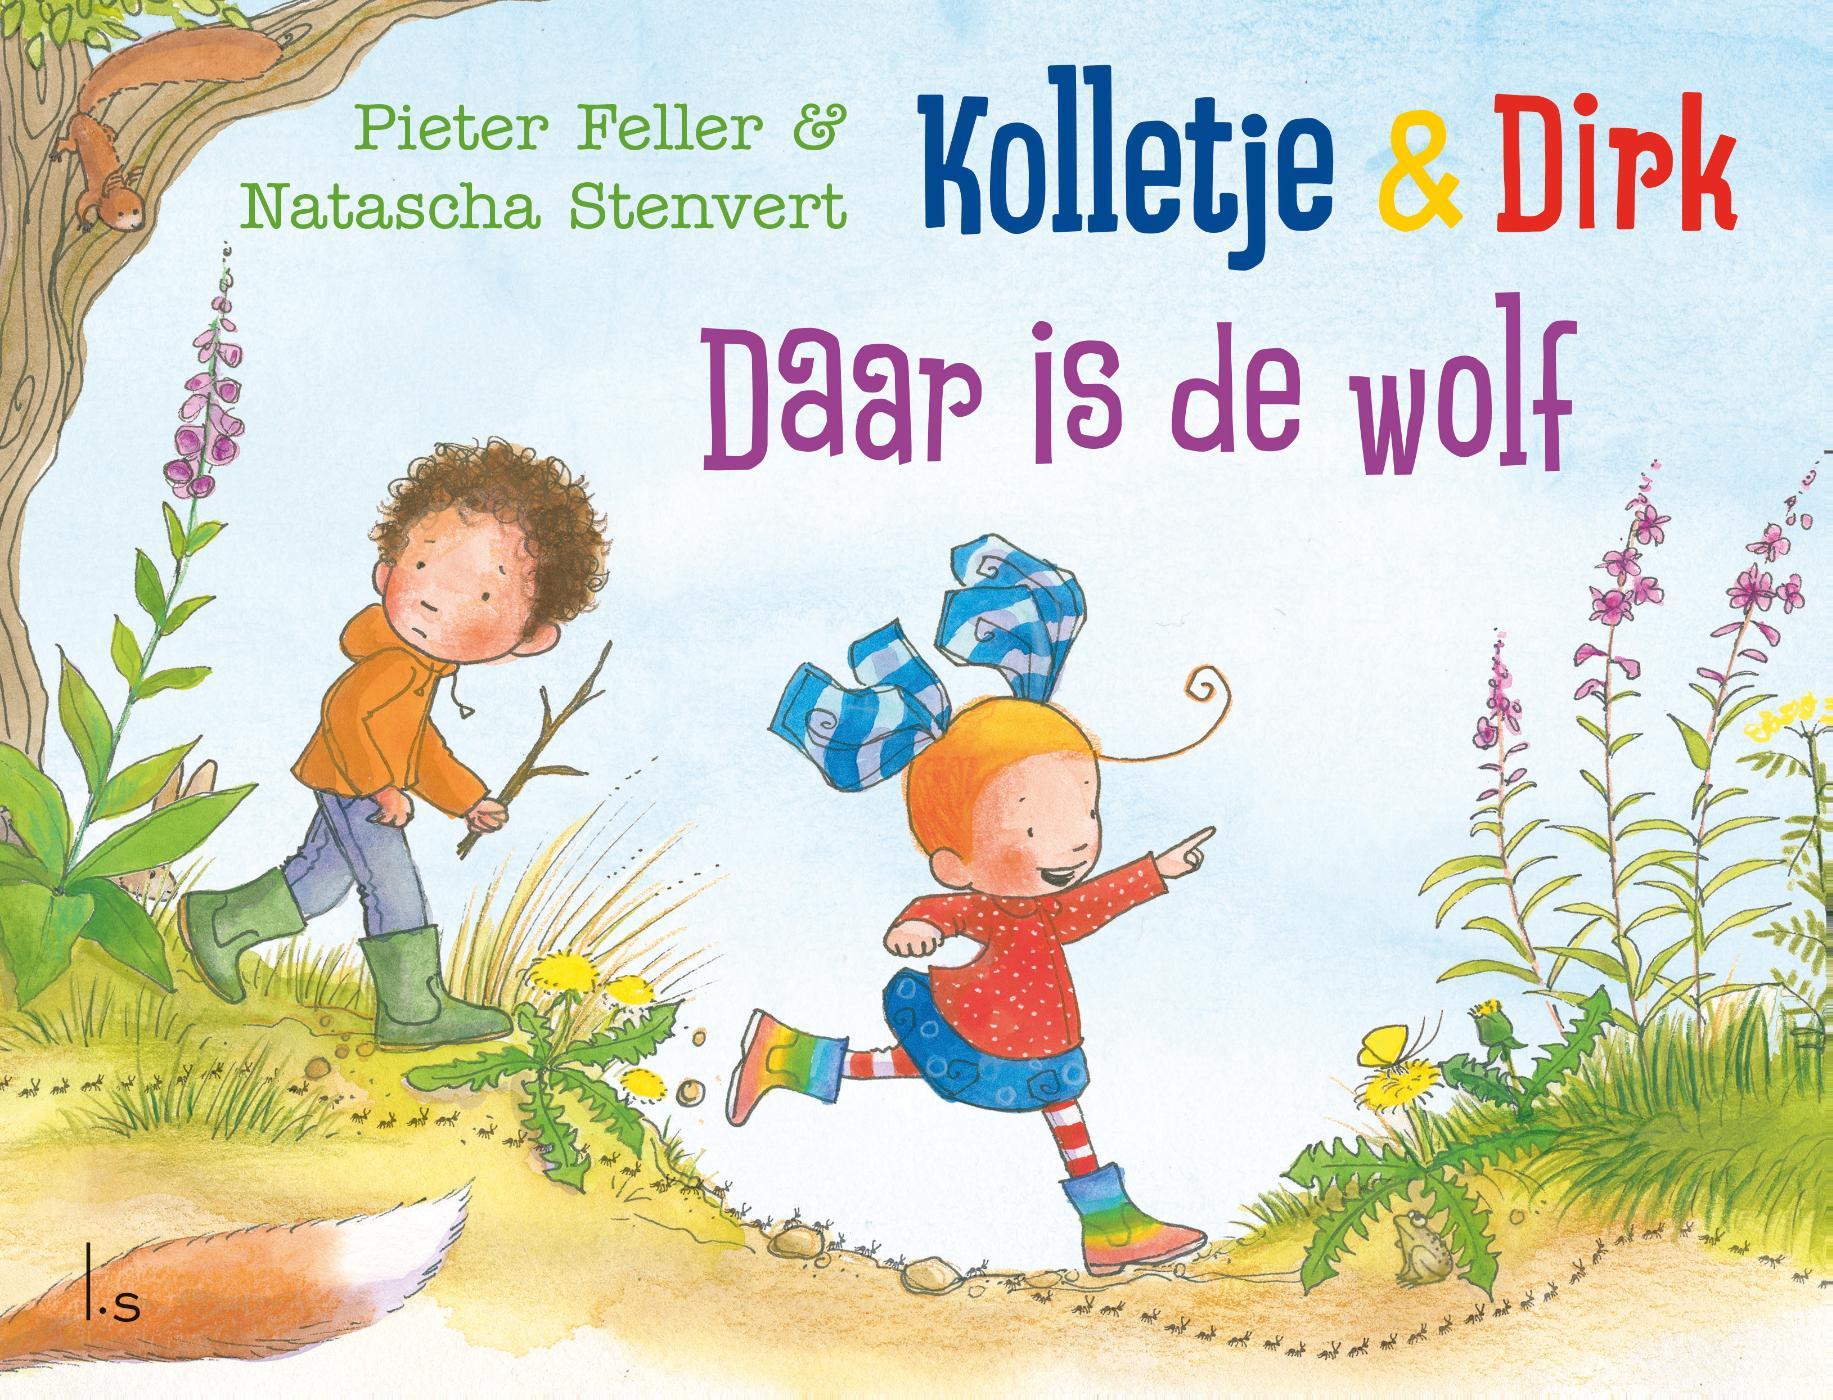 Kolletje & Dirk_Daar is de wolf_aanbieding.indd